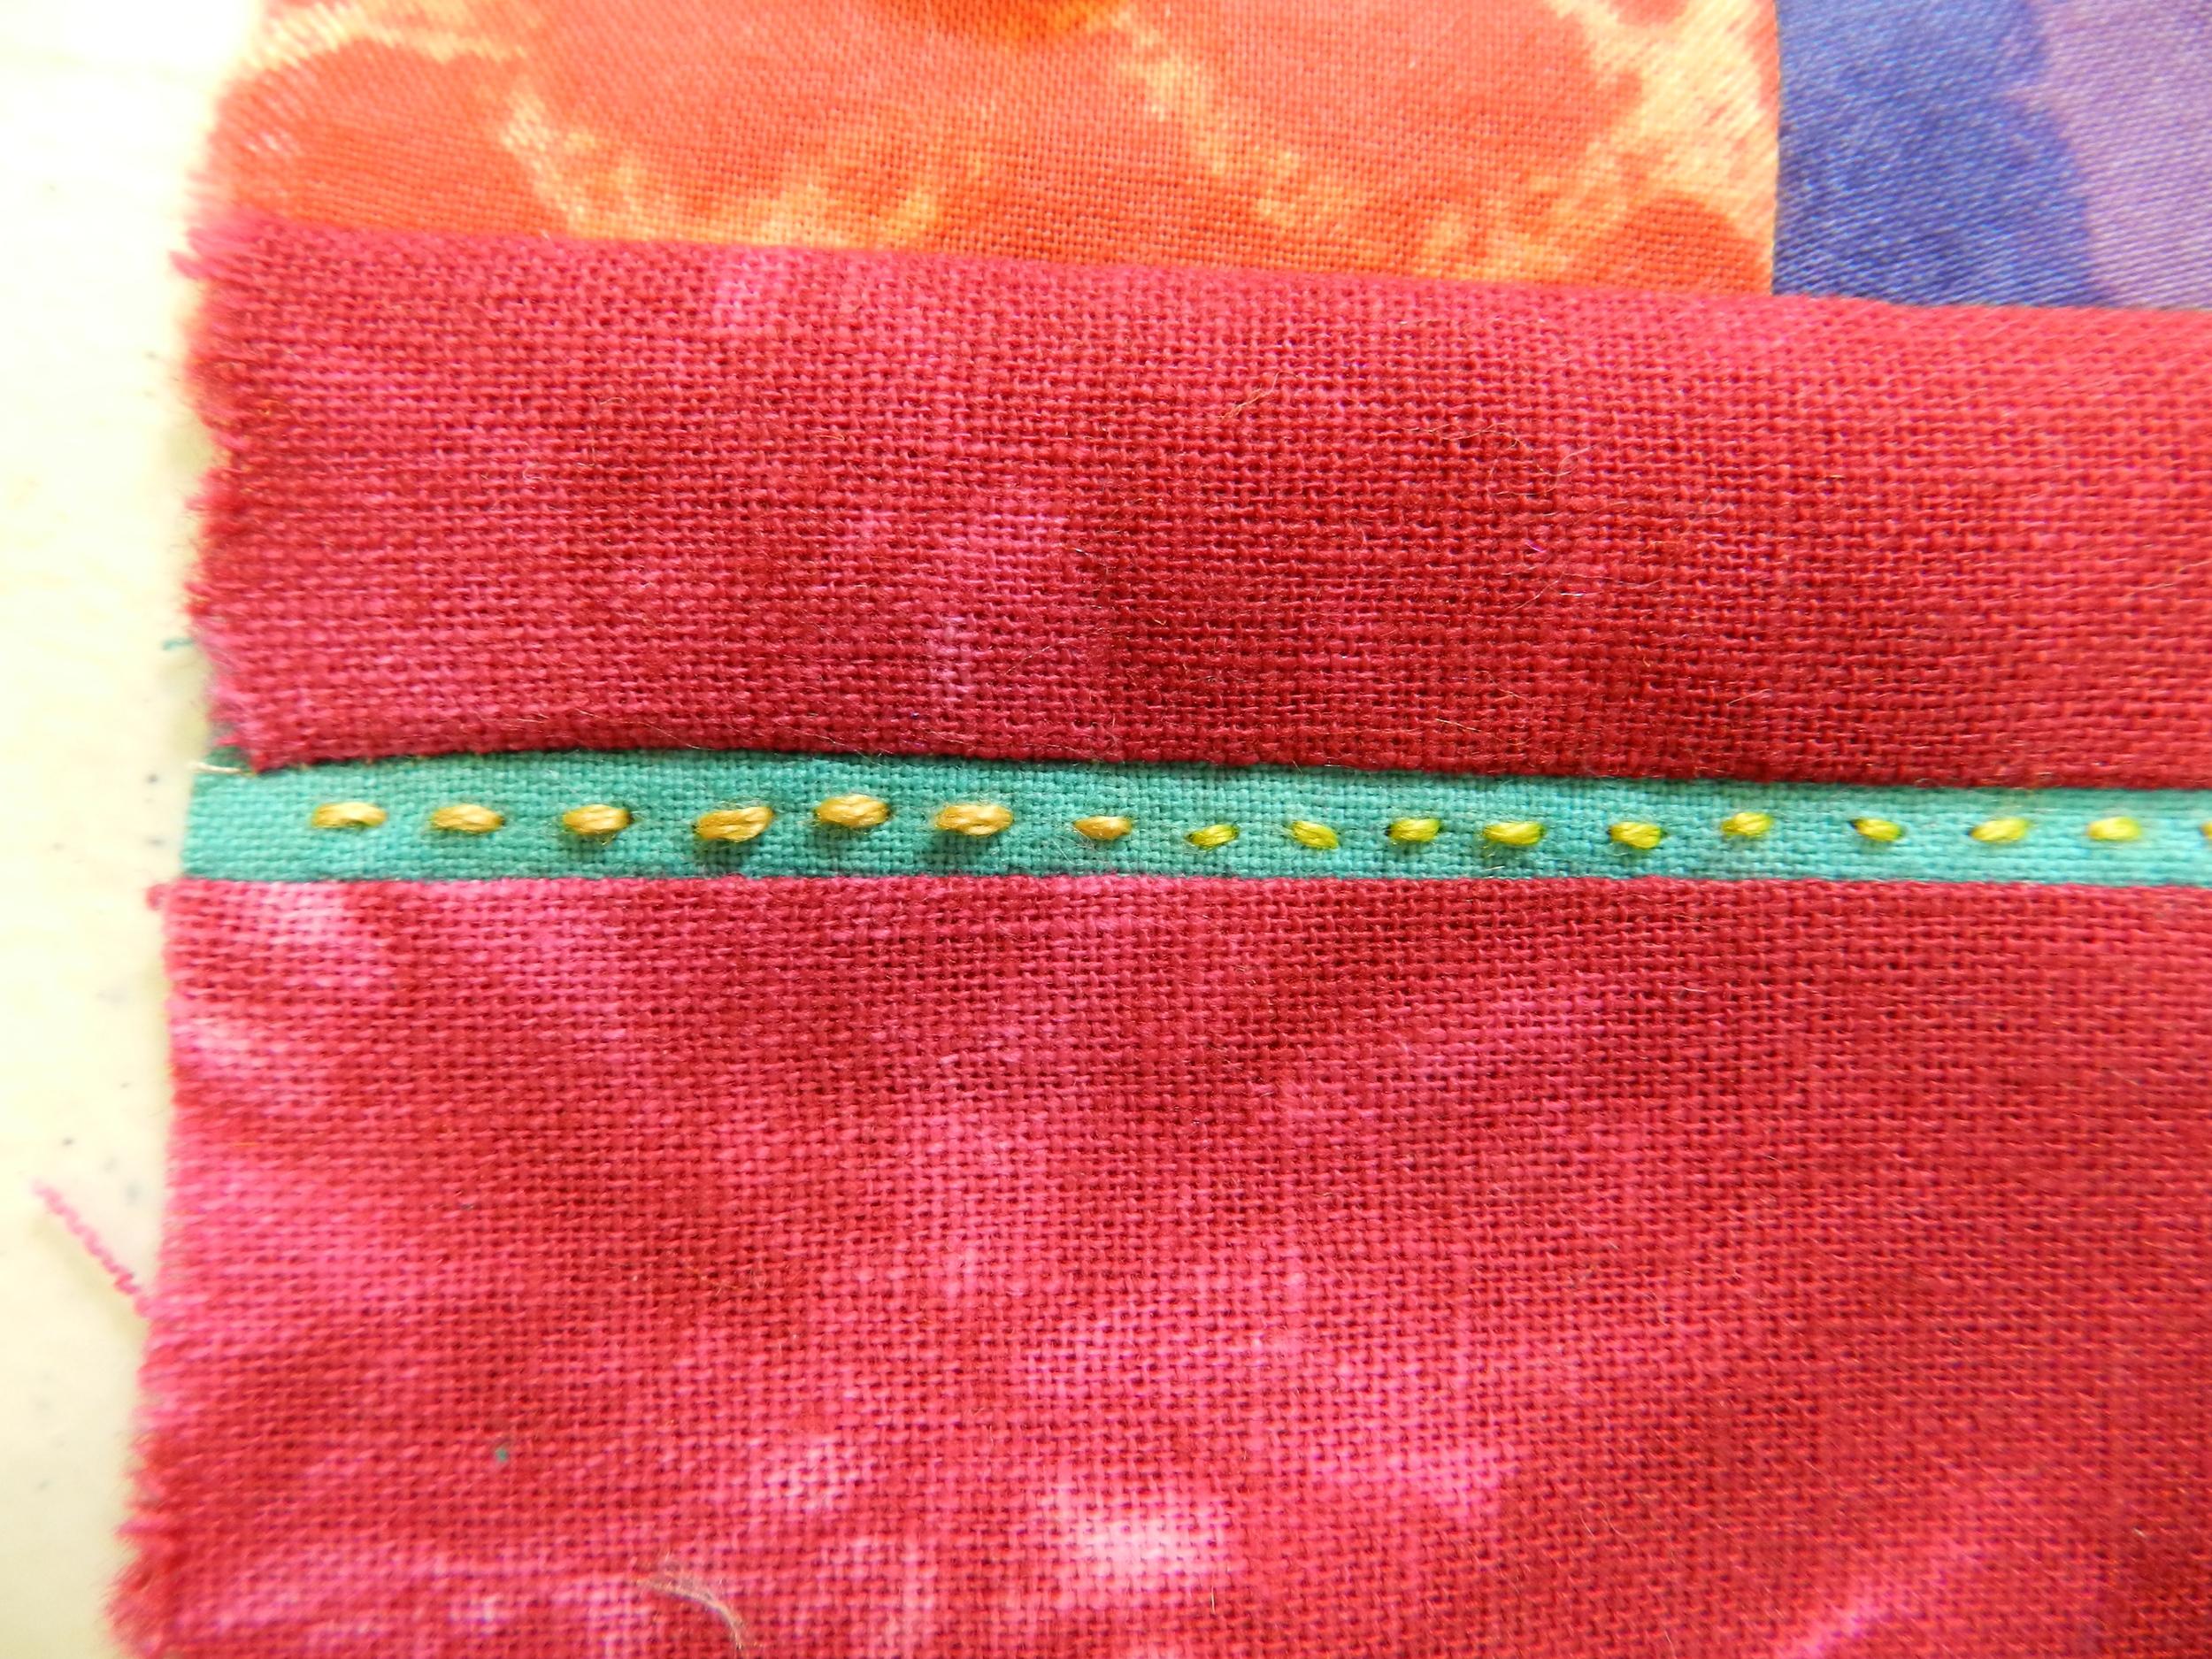 Stitchwork (3)